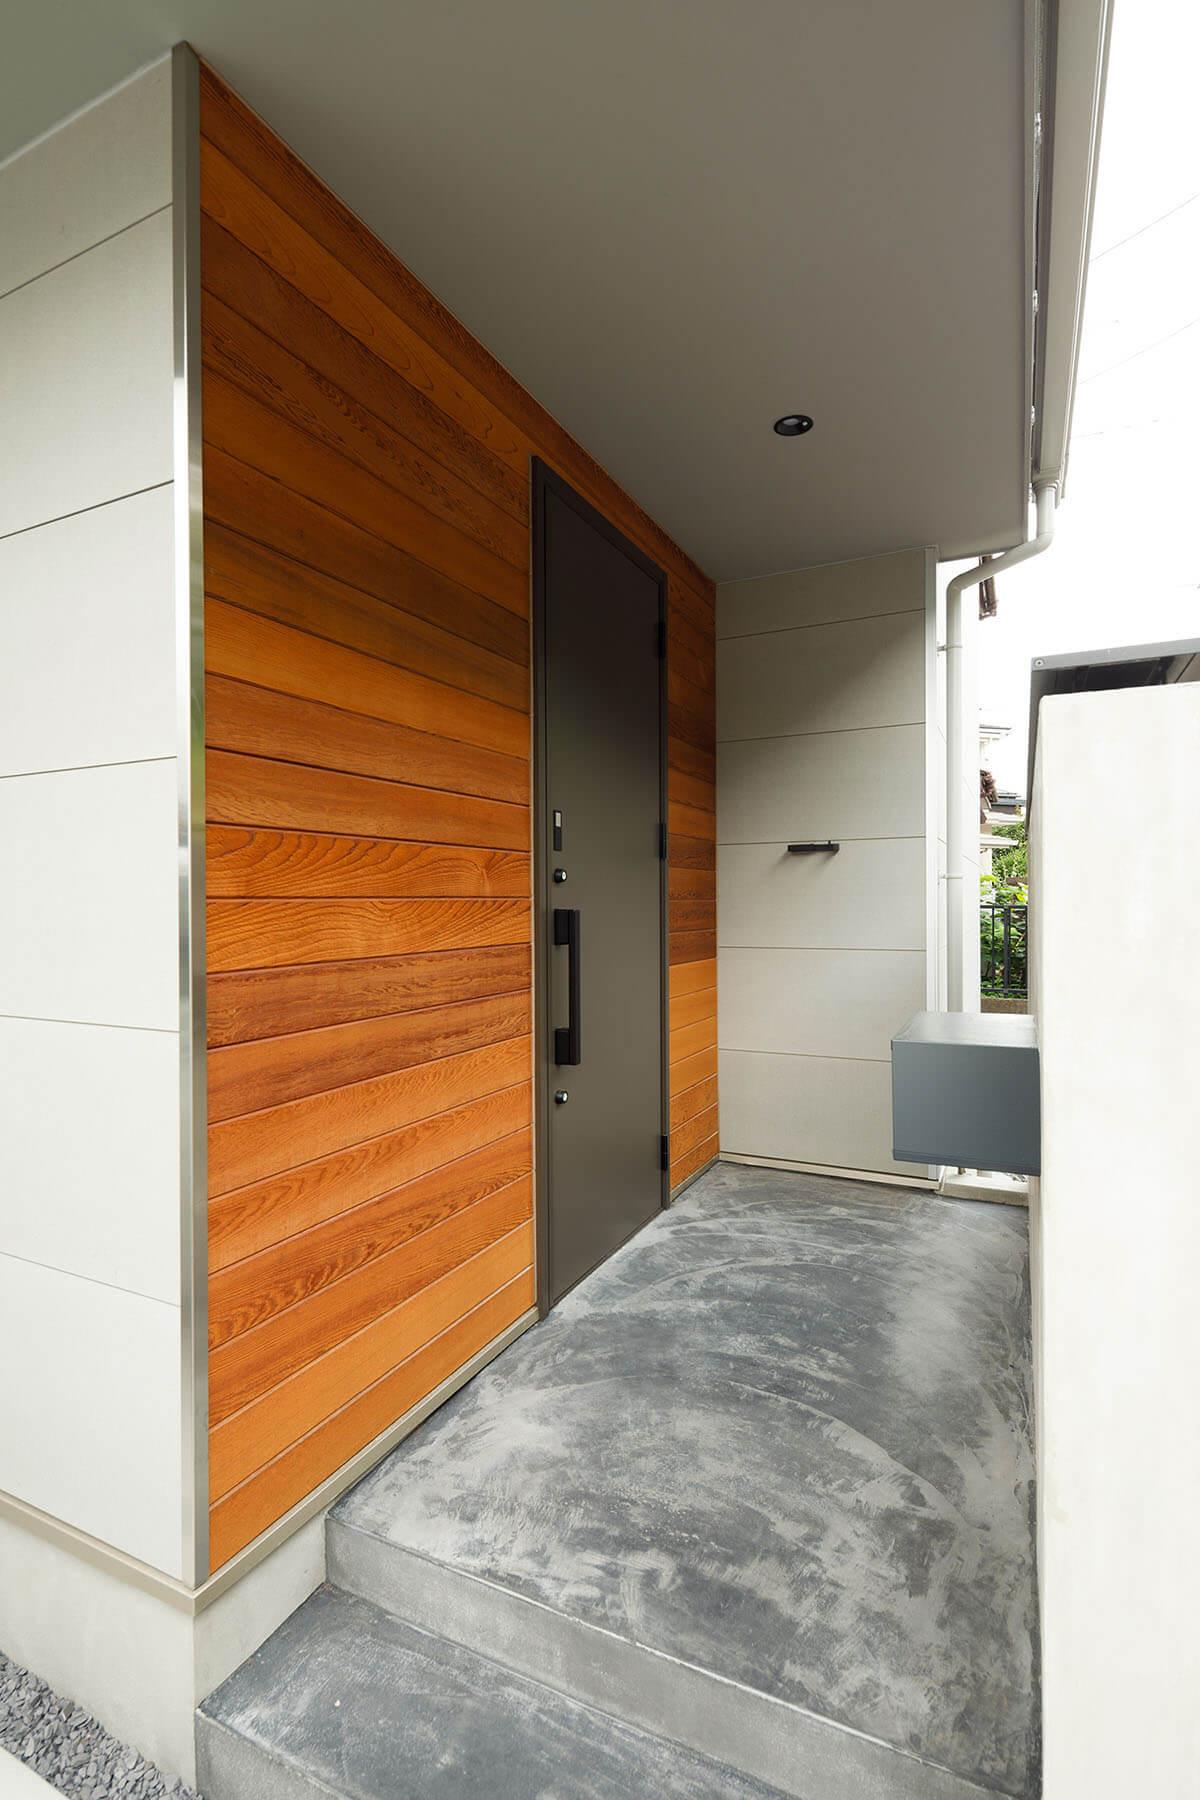 板張りのアプローチ部分。床はスミモルタルを使い味わい深い雰囲気に。